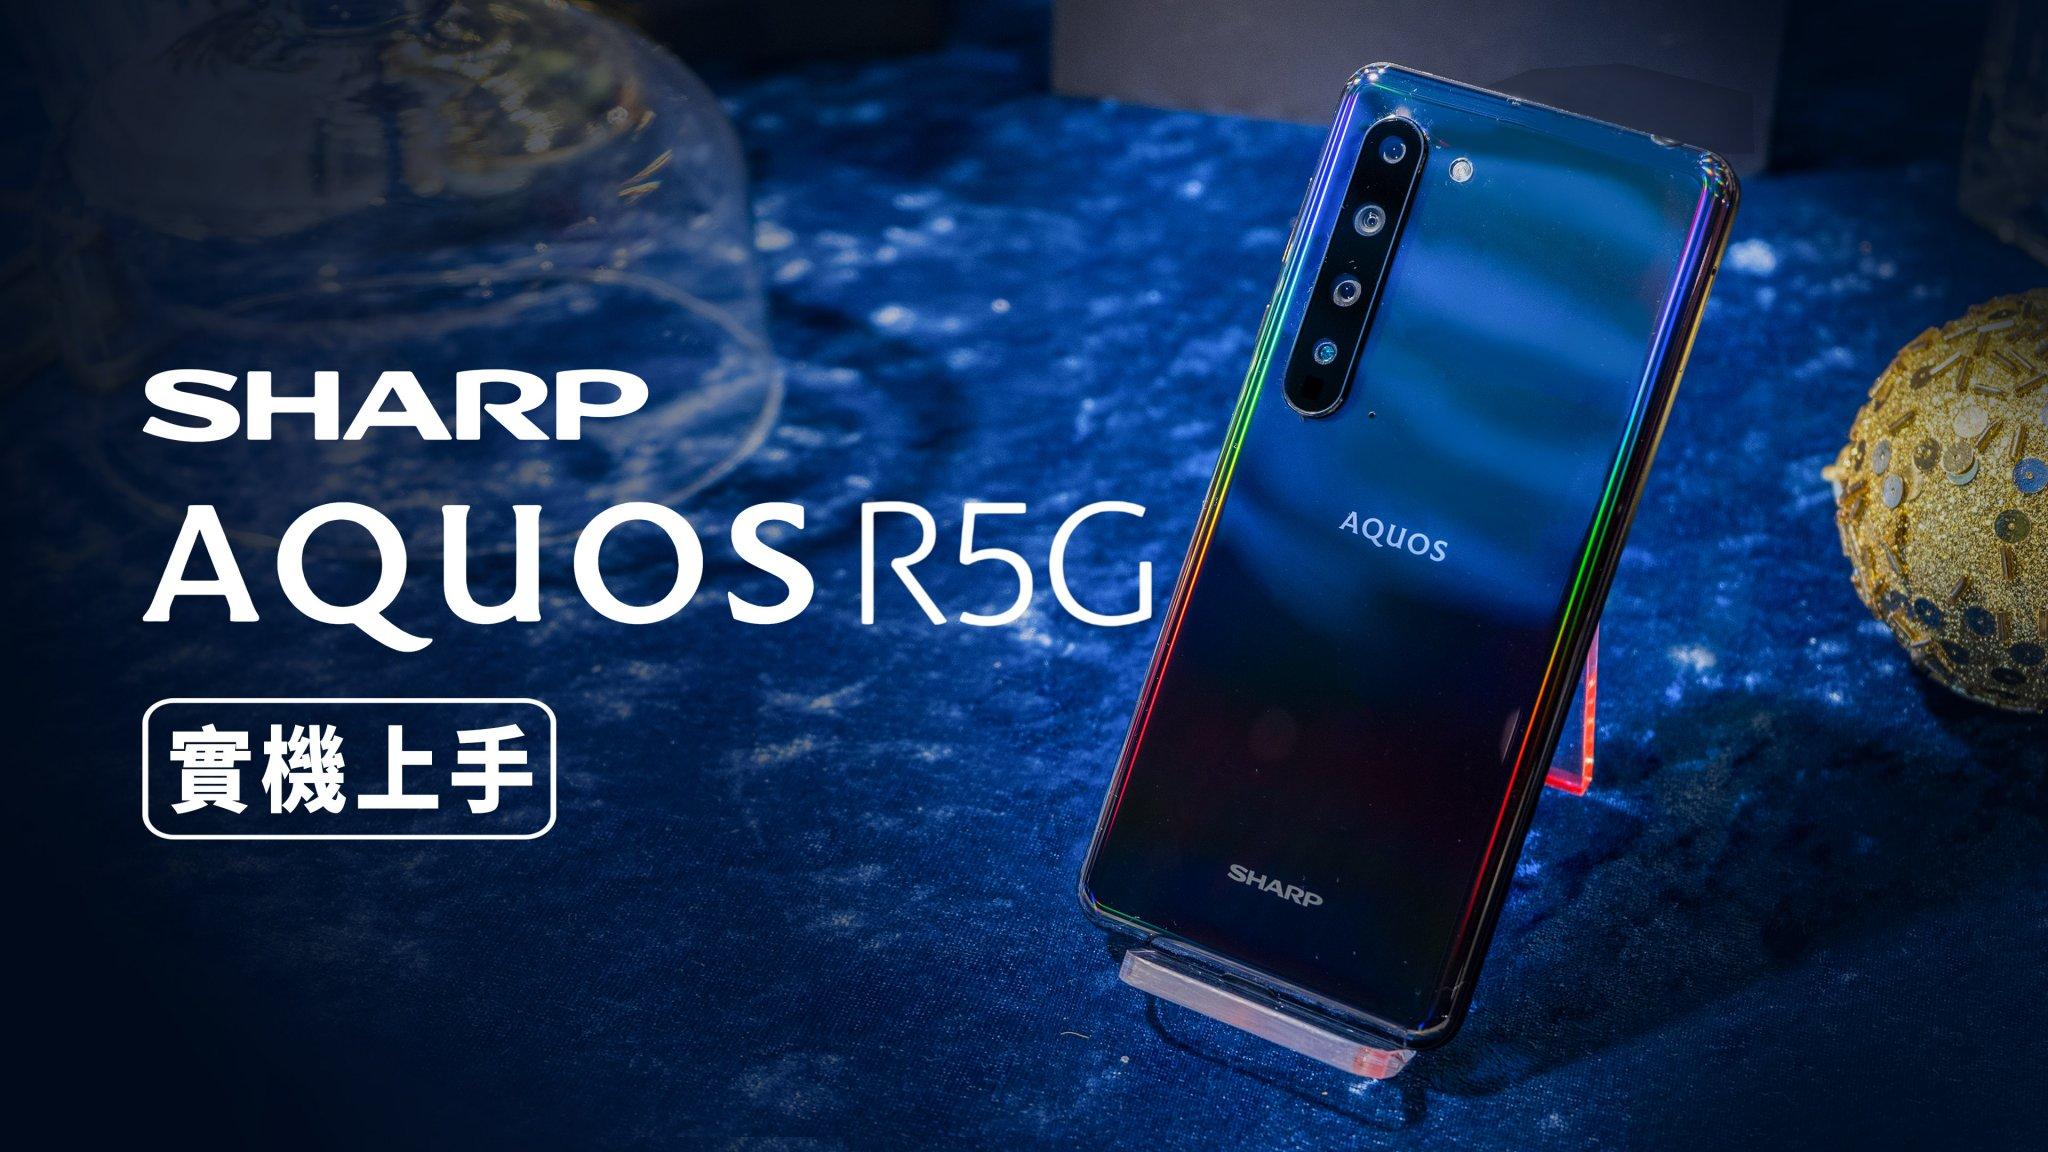 【開箱】夏普5G旗艦!SHARP AQUOS R5G智慧型手機實機上手